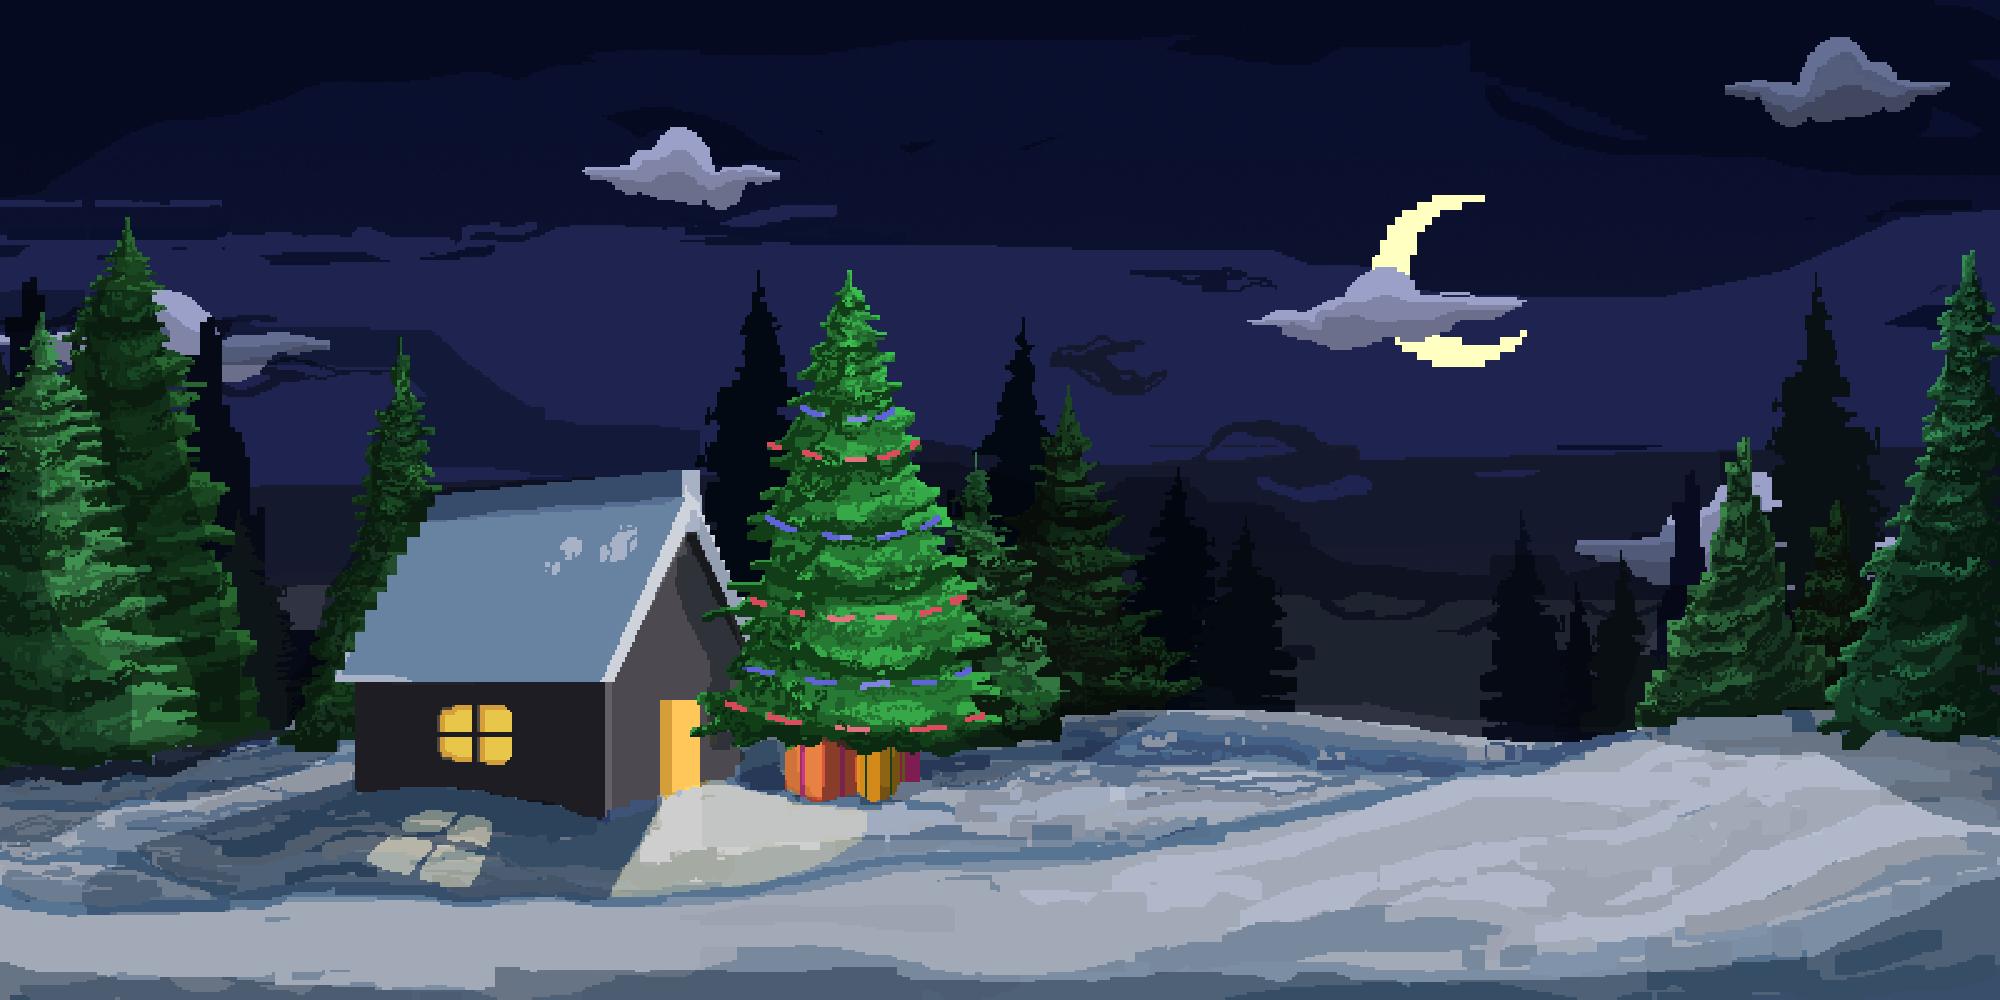 new year | 2D художник(пропсы/иконки/изометрия/pixel art/фоны)